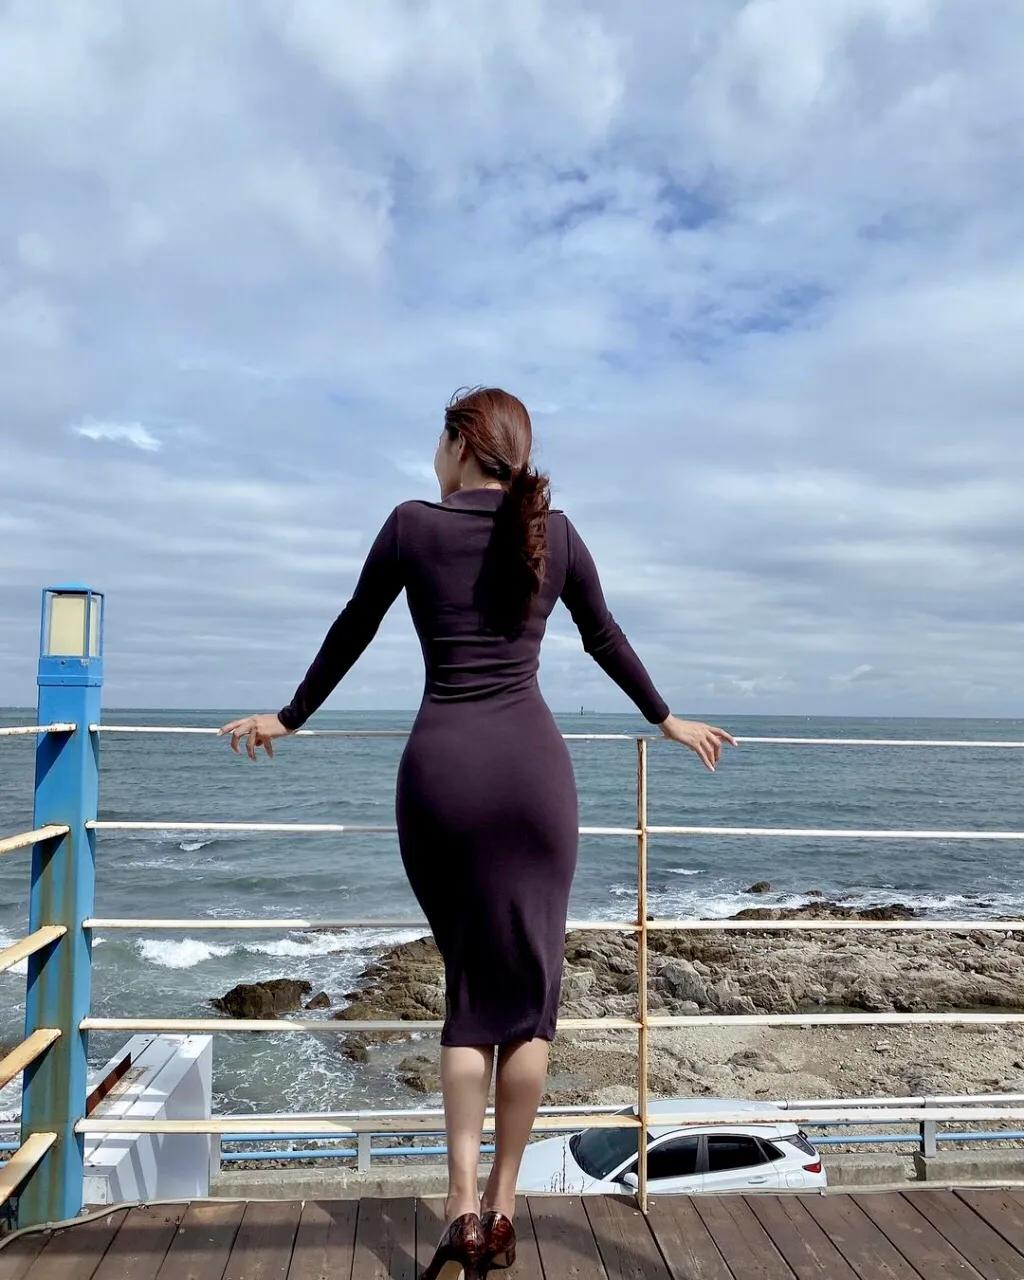 海风吹 海浪涌